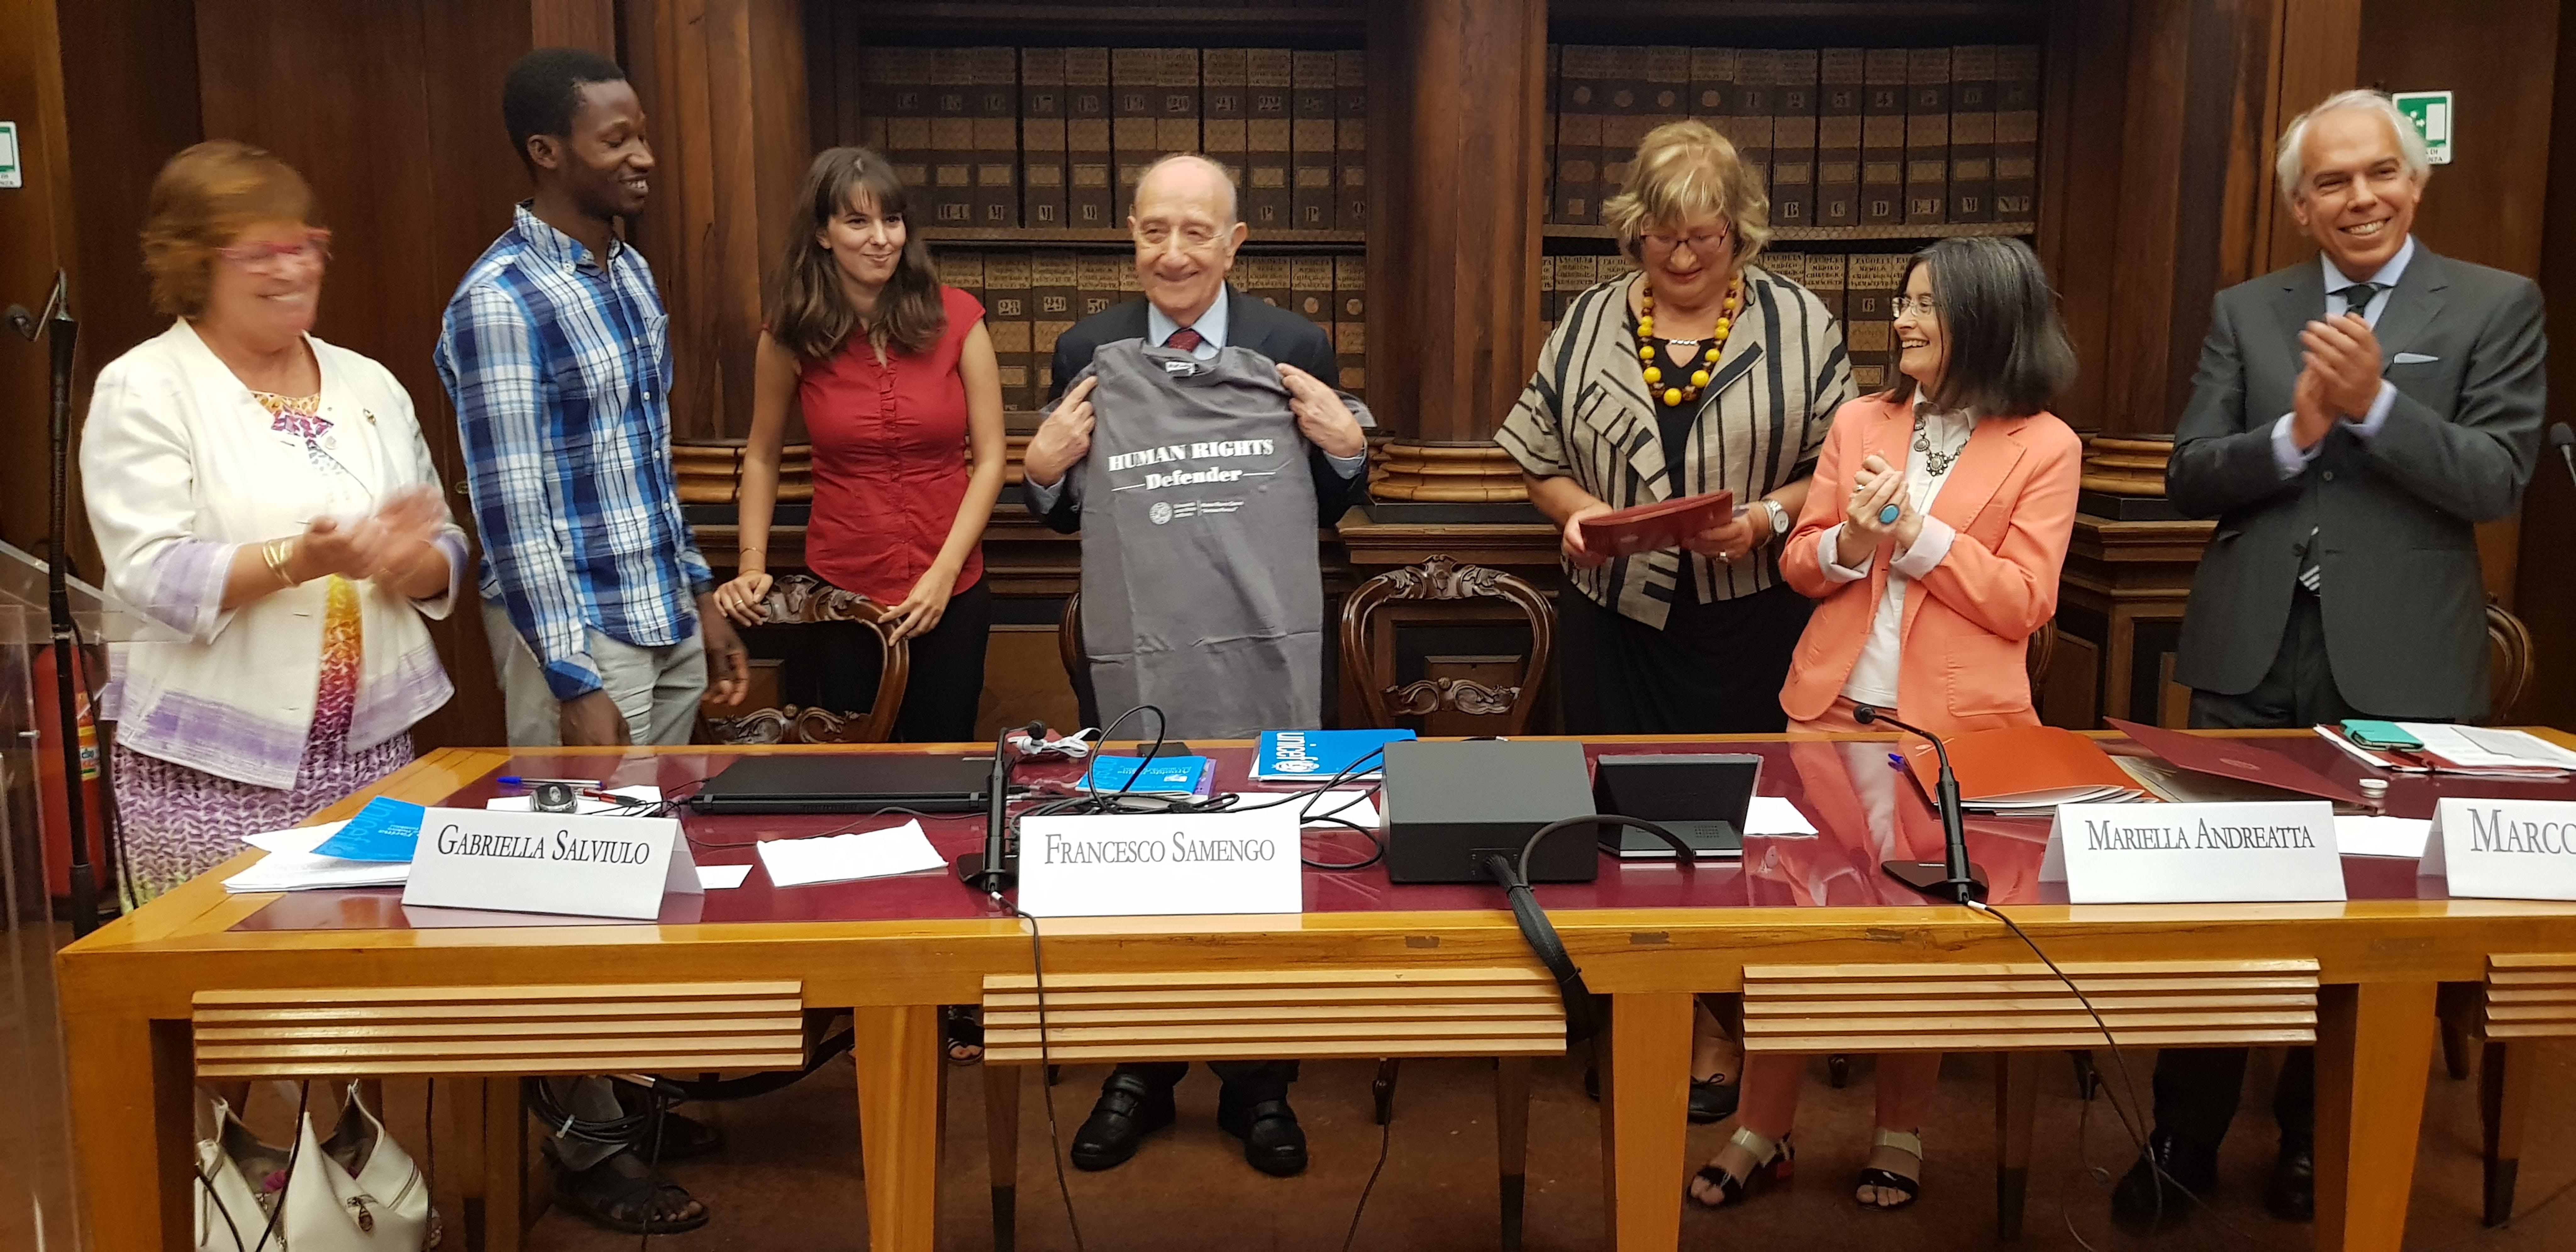 Un momento della cerimonia conclusasi con la firma del protocollo tra UNICEF e Università di Padova. Al centro della foto il Presidente dell'UNICEF Italia Francesco Samengo